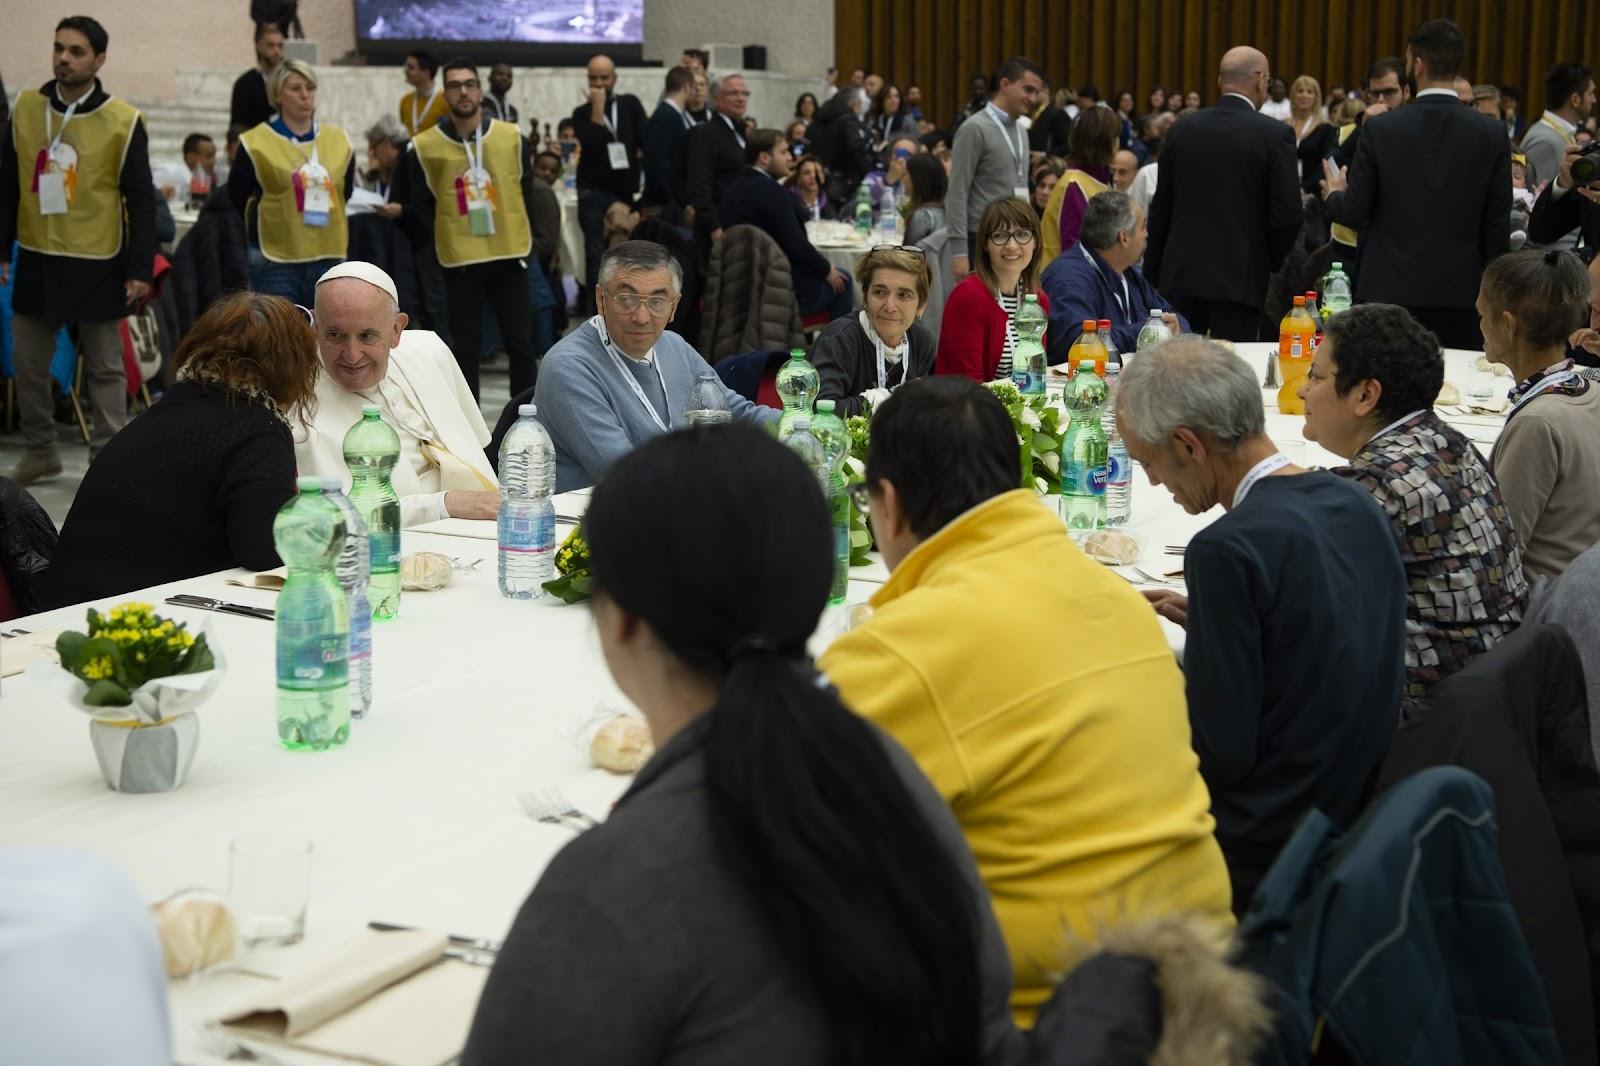 Đức Thánh Cha Phanxico dùng bữa với 1500 người nghèo tại Vatican